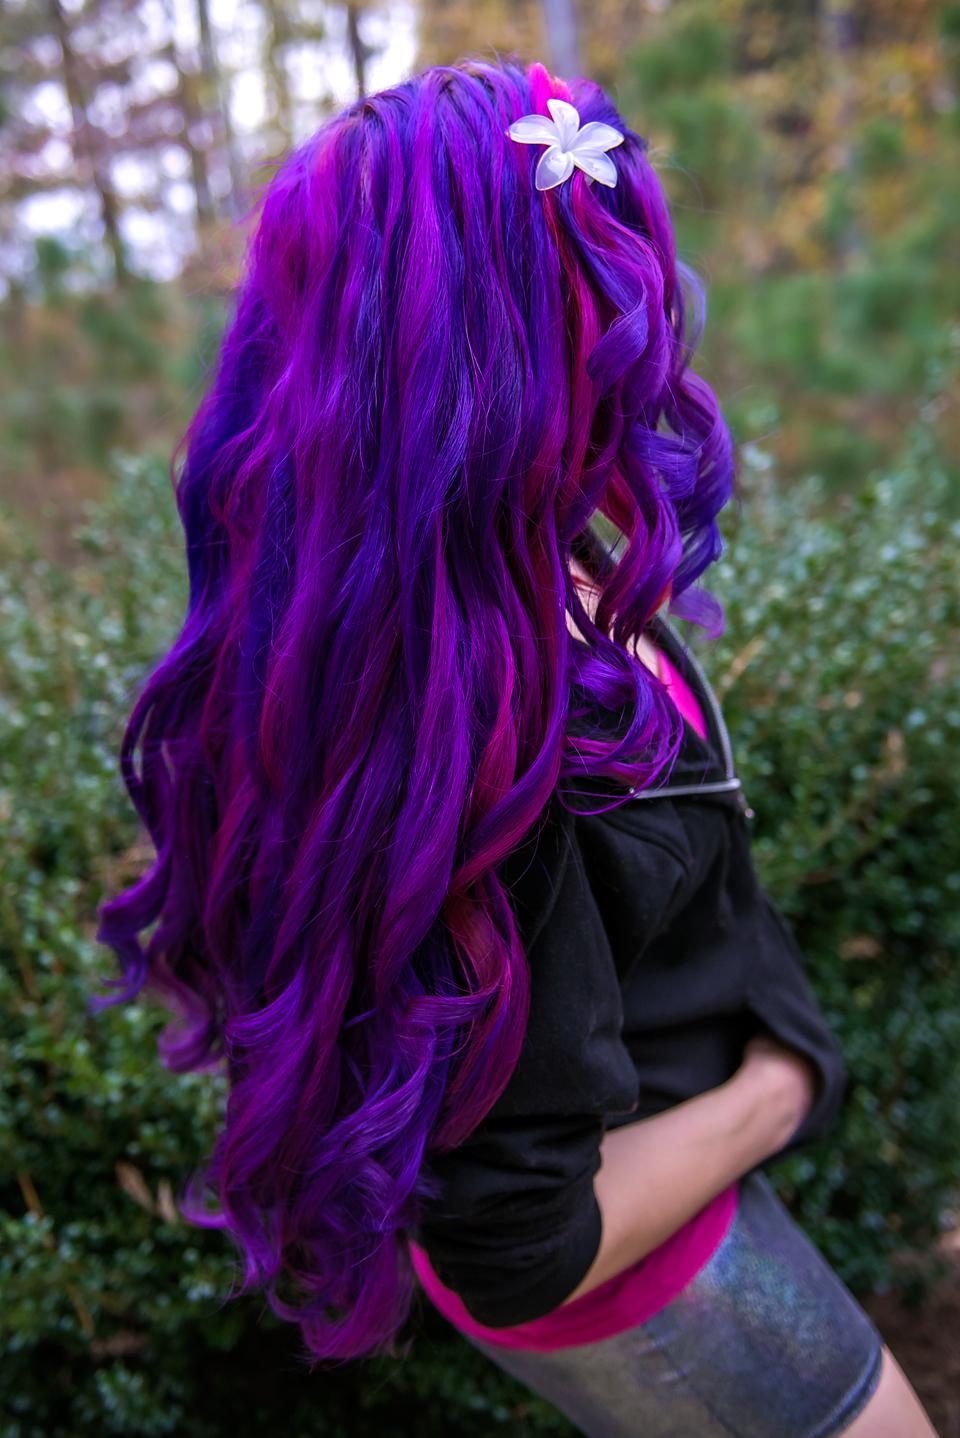 rainbow hair dye tutorial